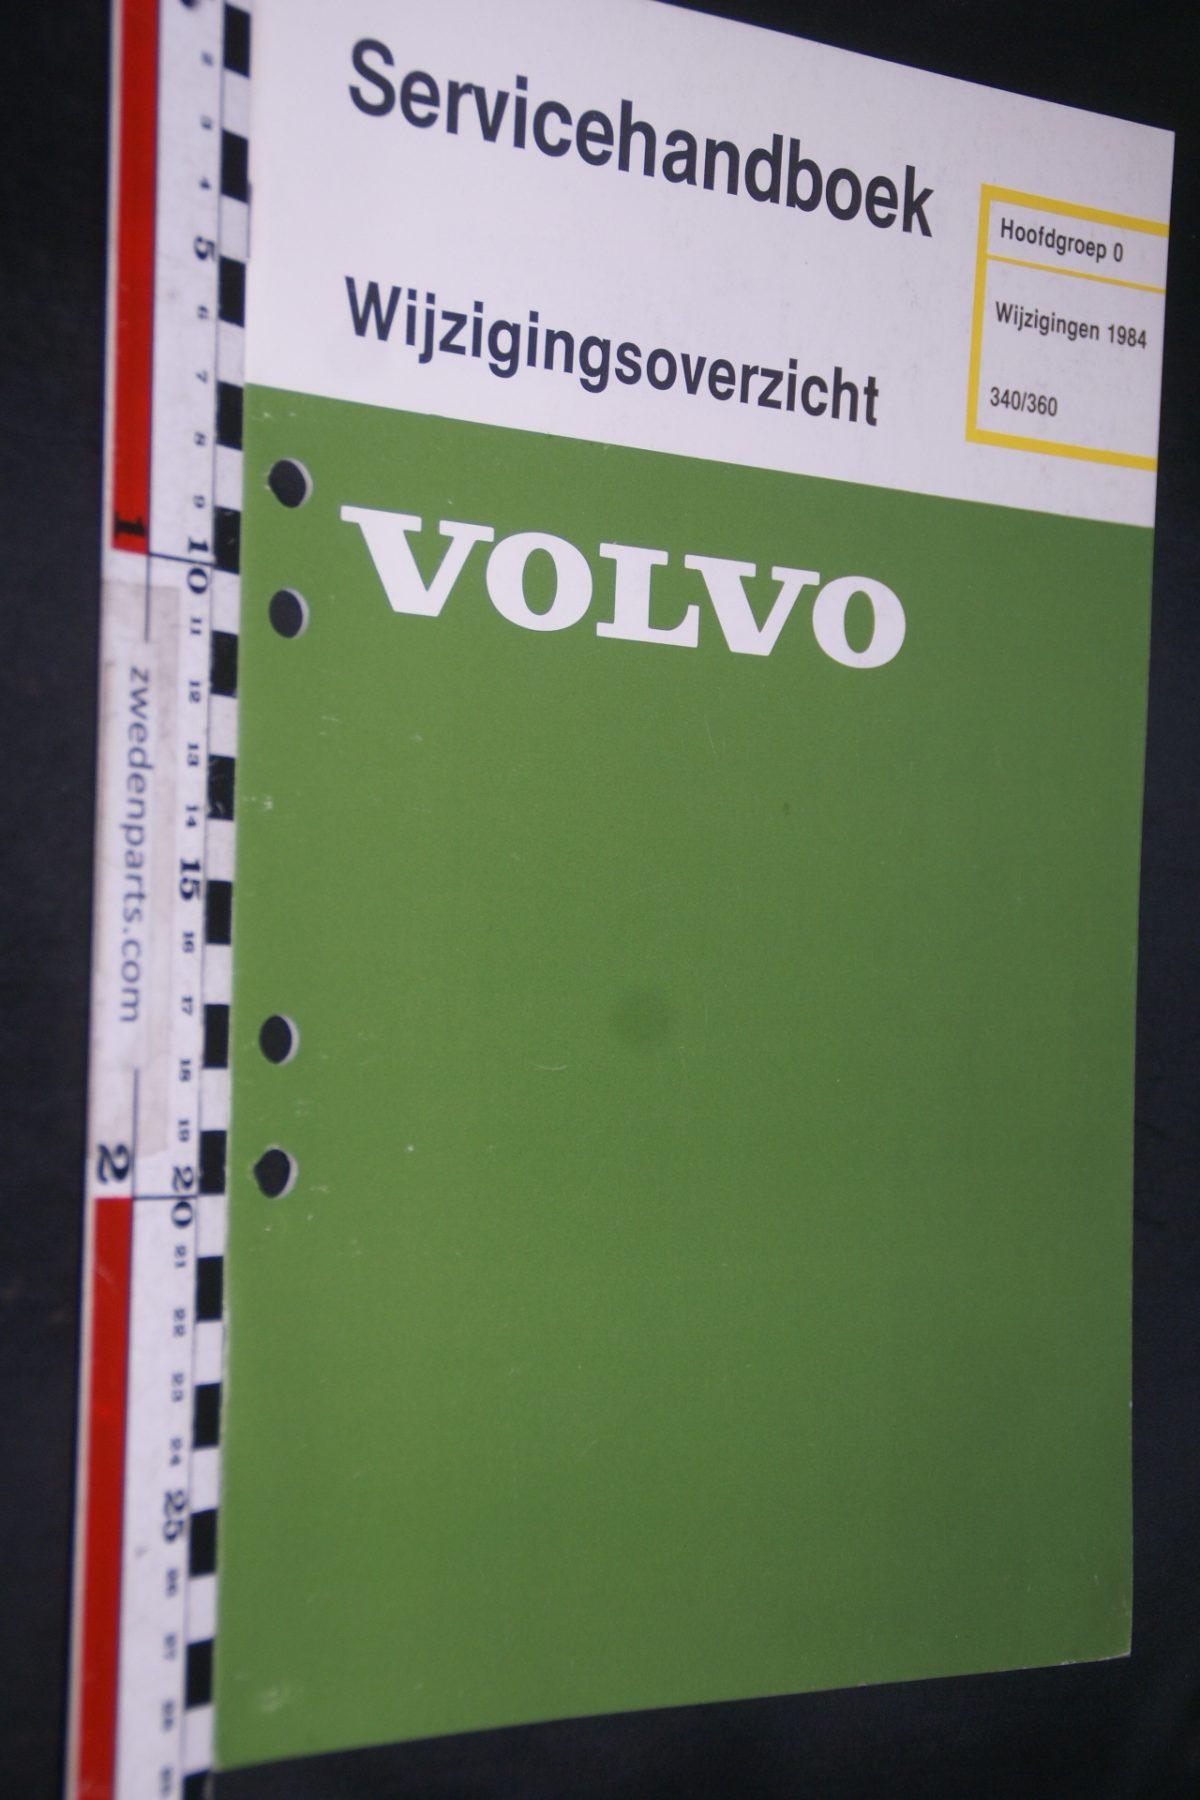 DSC06790 1983 origineel Volvo 340-360 servicehandboek 0  wijzigingen 1984 1 van 1.000 TP 35164-1